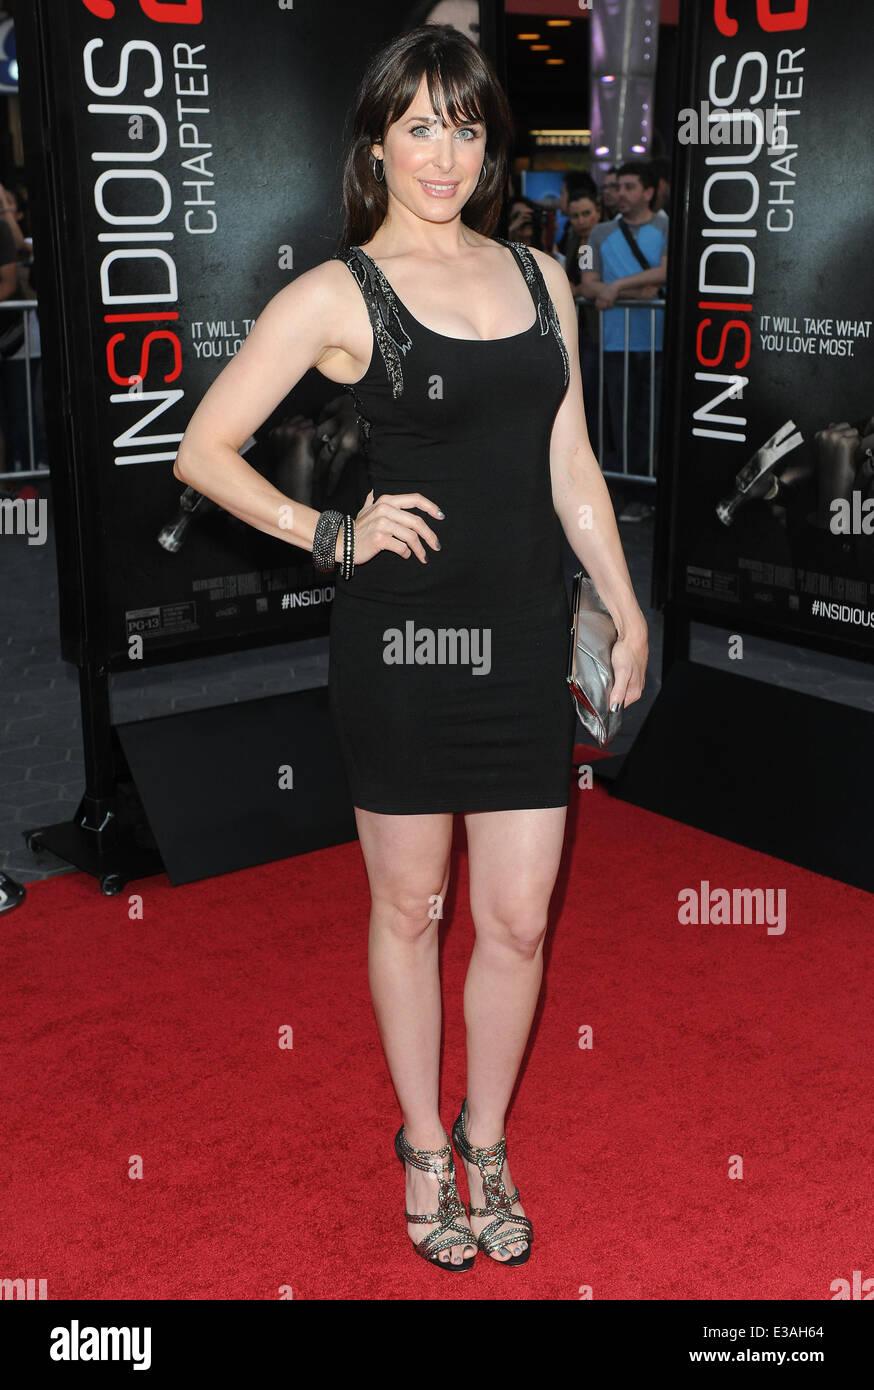 Alice Brady Porn archive Naomi Watts (born 1968),Adria Arjona